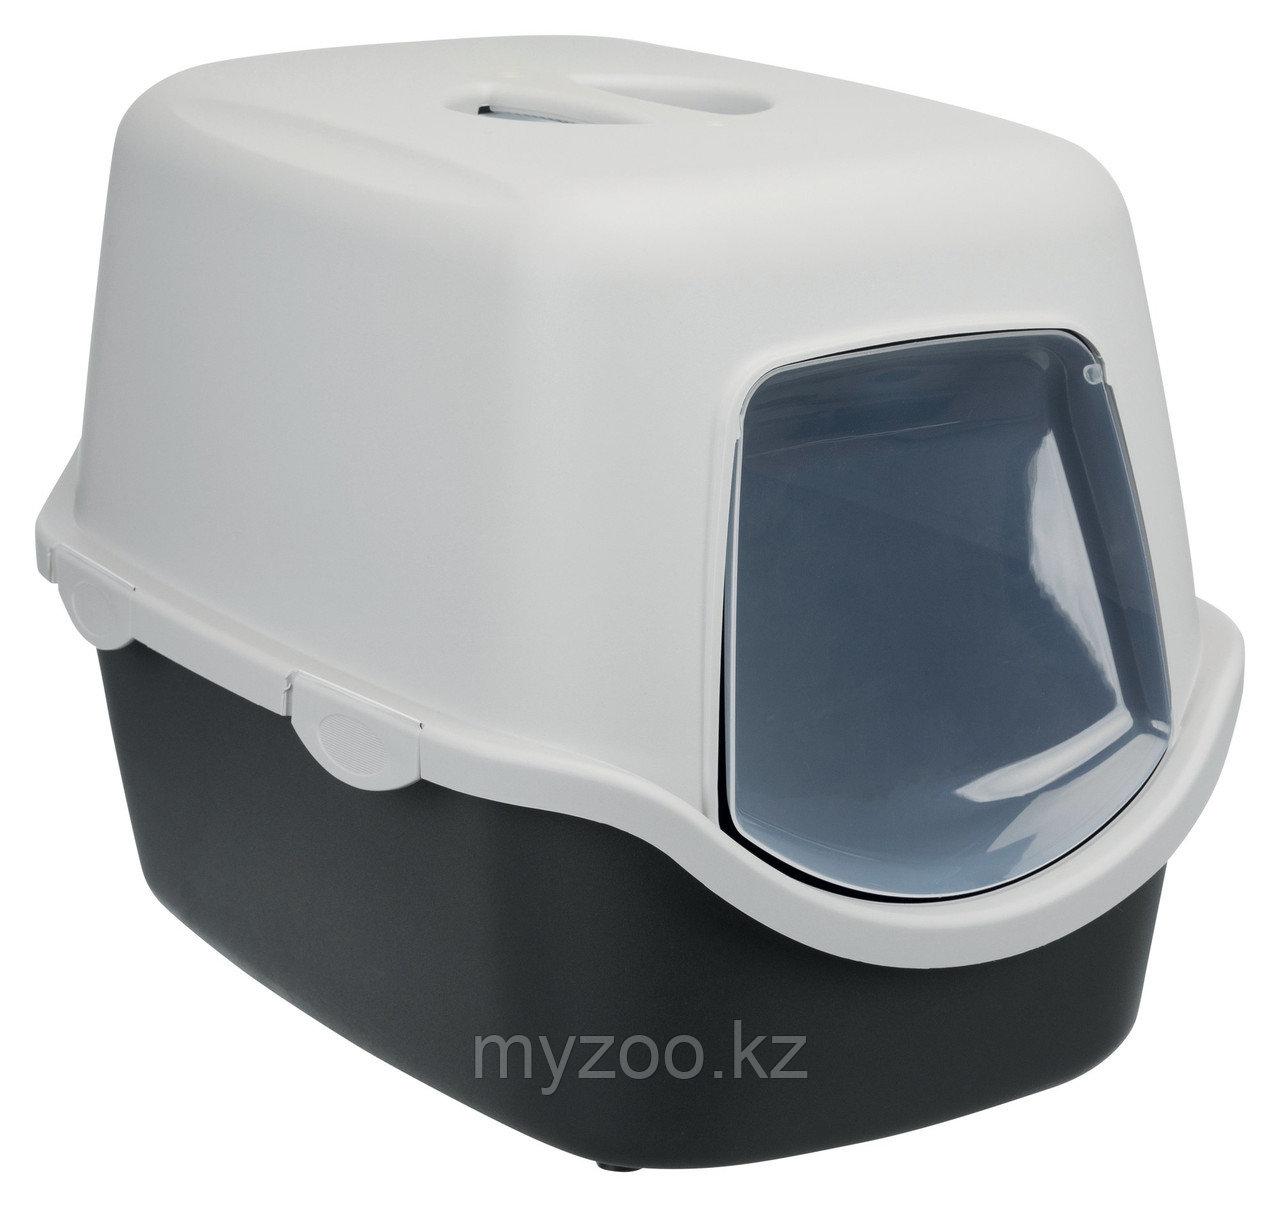 Туалет-био для кошек. Пластик. С крышей, дверцей и угольным фильтром. Р-р 40 × 40 × 56 cm